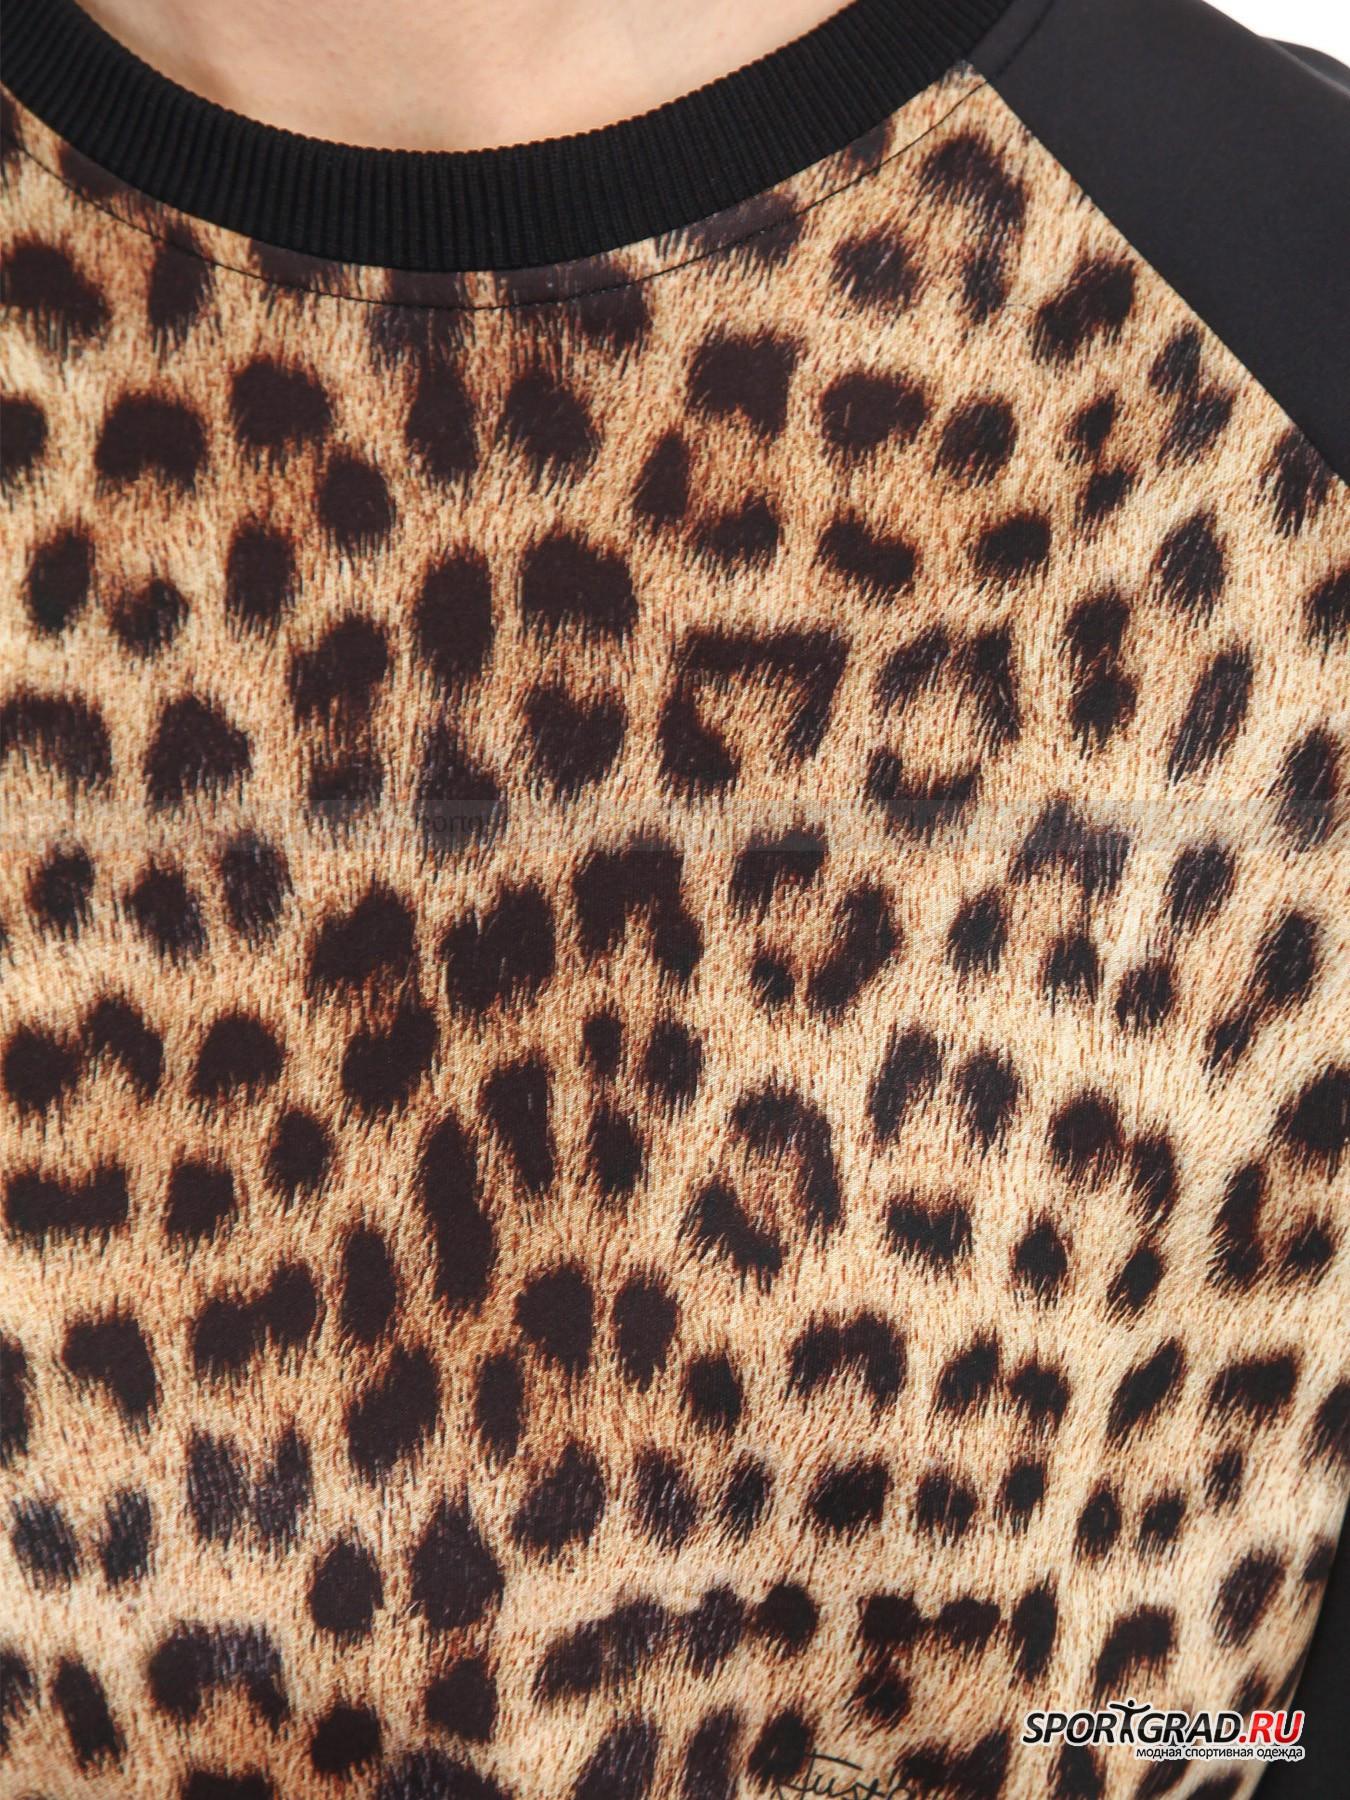 Толстовка женская JUST CAVALLI с леопардовым принтом от Спортград